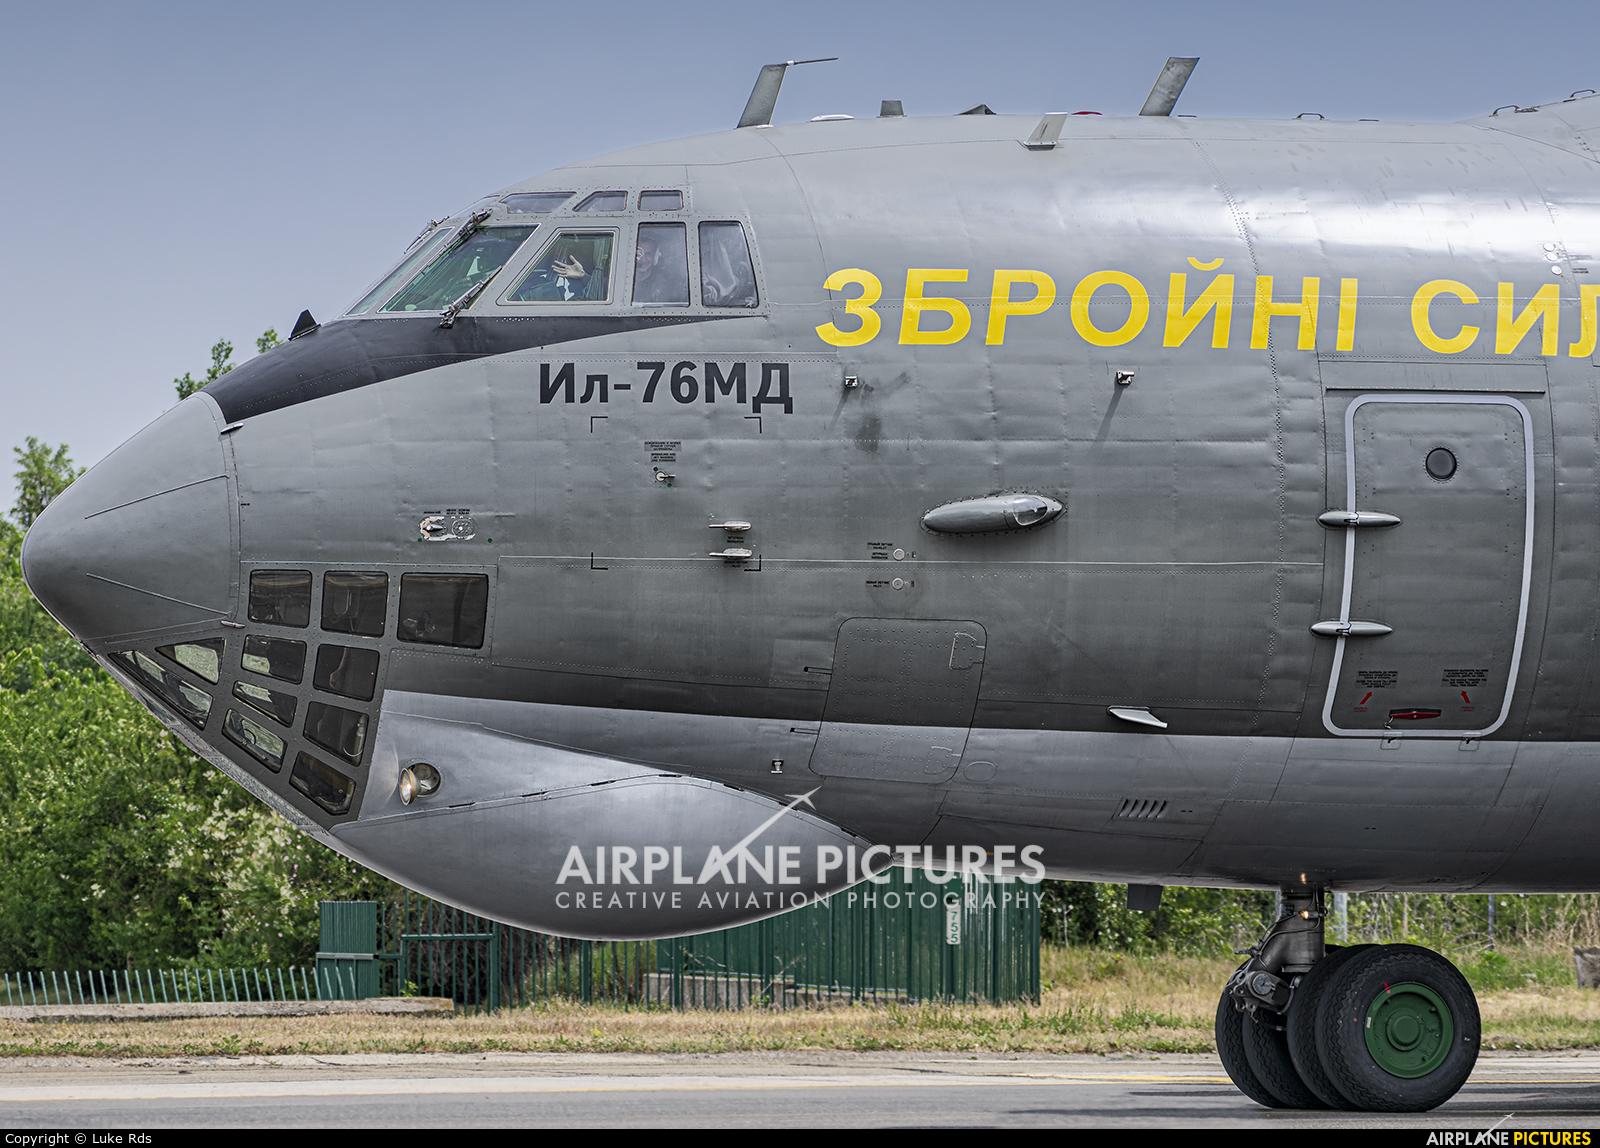 Ukraine - Air Force 76697 aircraft at Bucharest - Henri Coandă